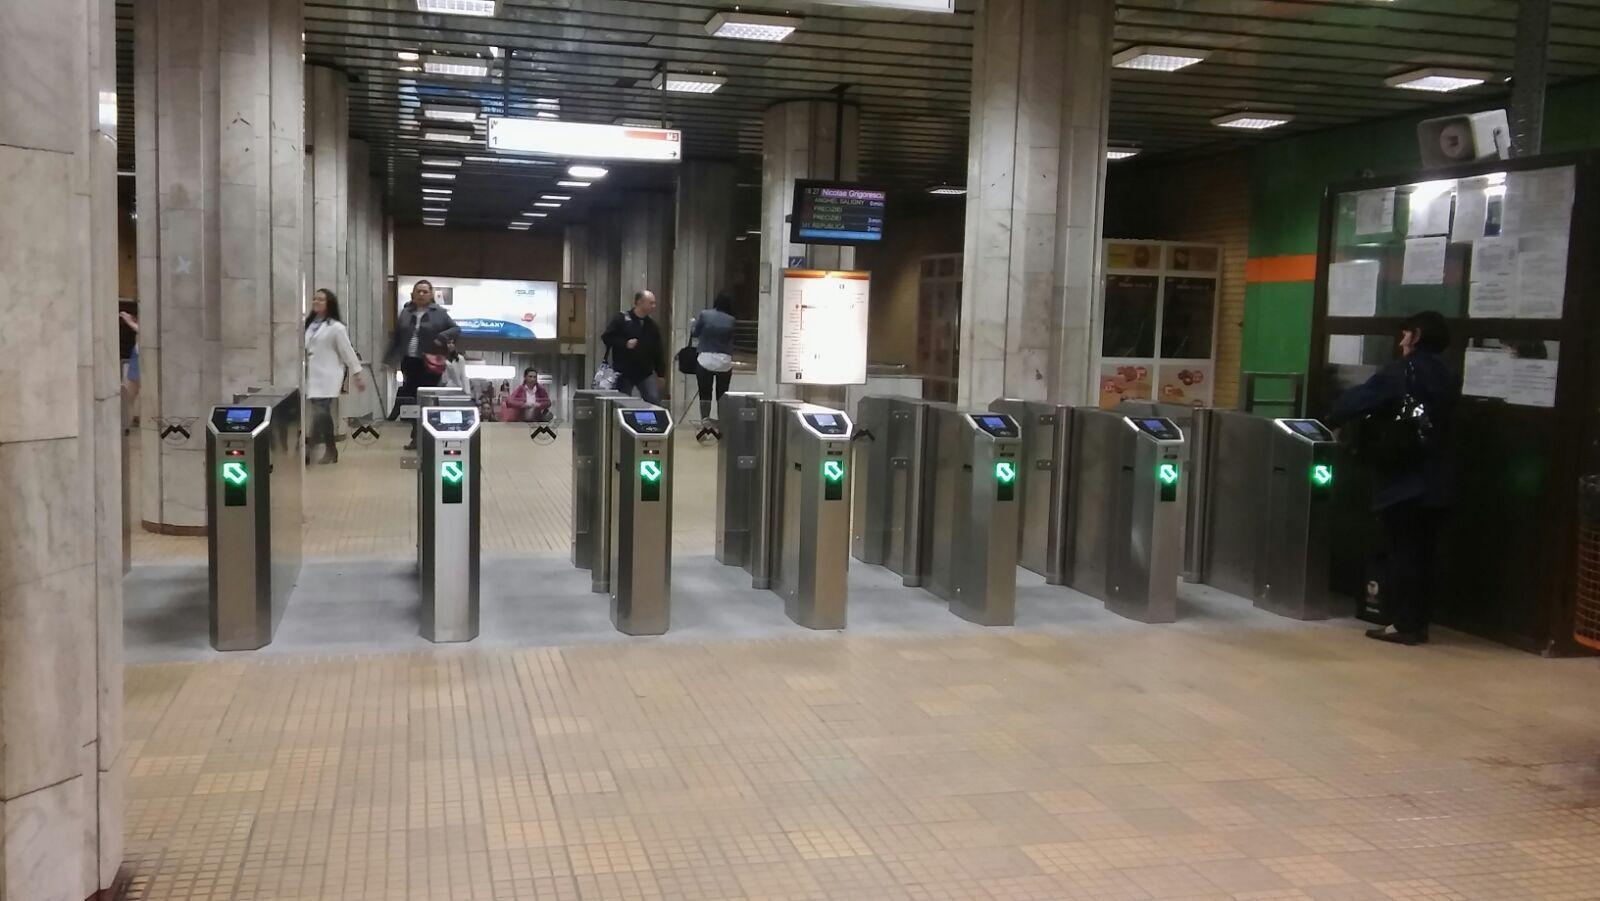 Metrorex ÎNCHIDE miercuri noi staţii de metrou, pentru lucrările de modernizare. Ce intrări vor fi BLOCATE